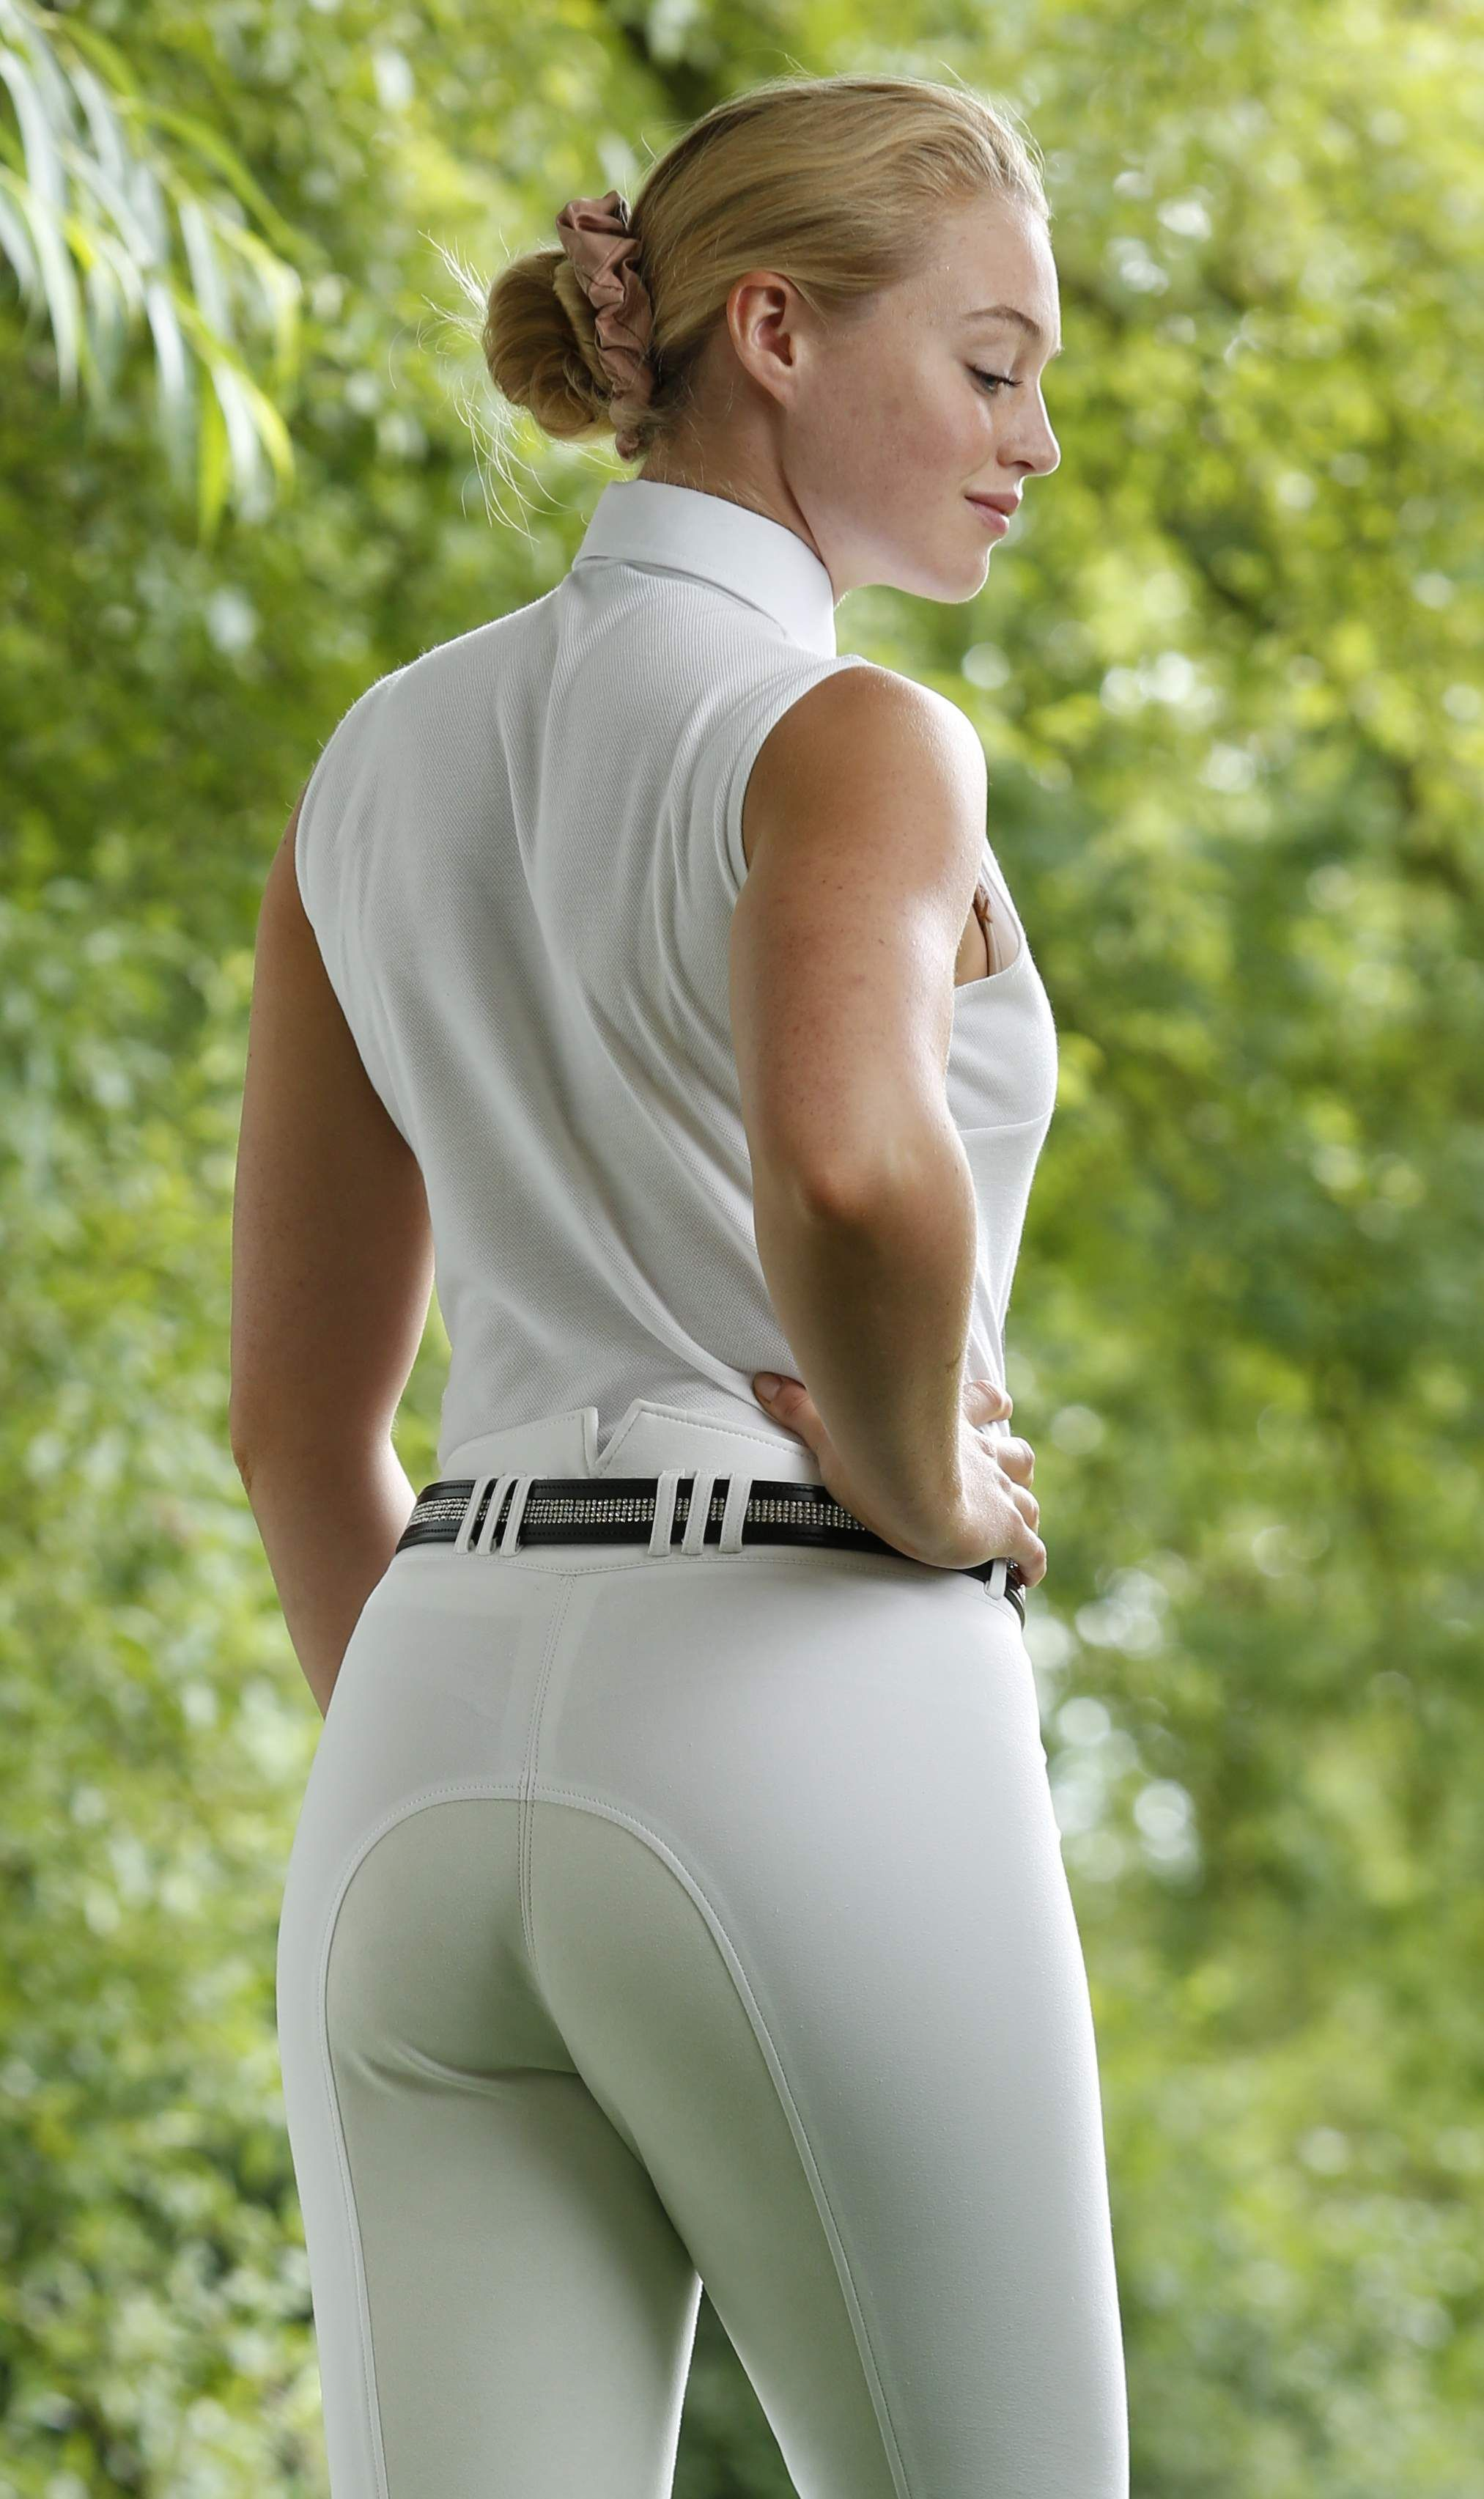 Jodhpur riding pants fetish